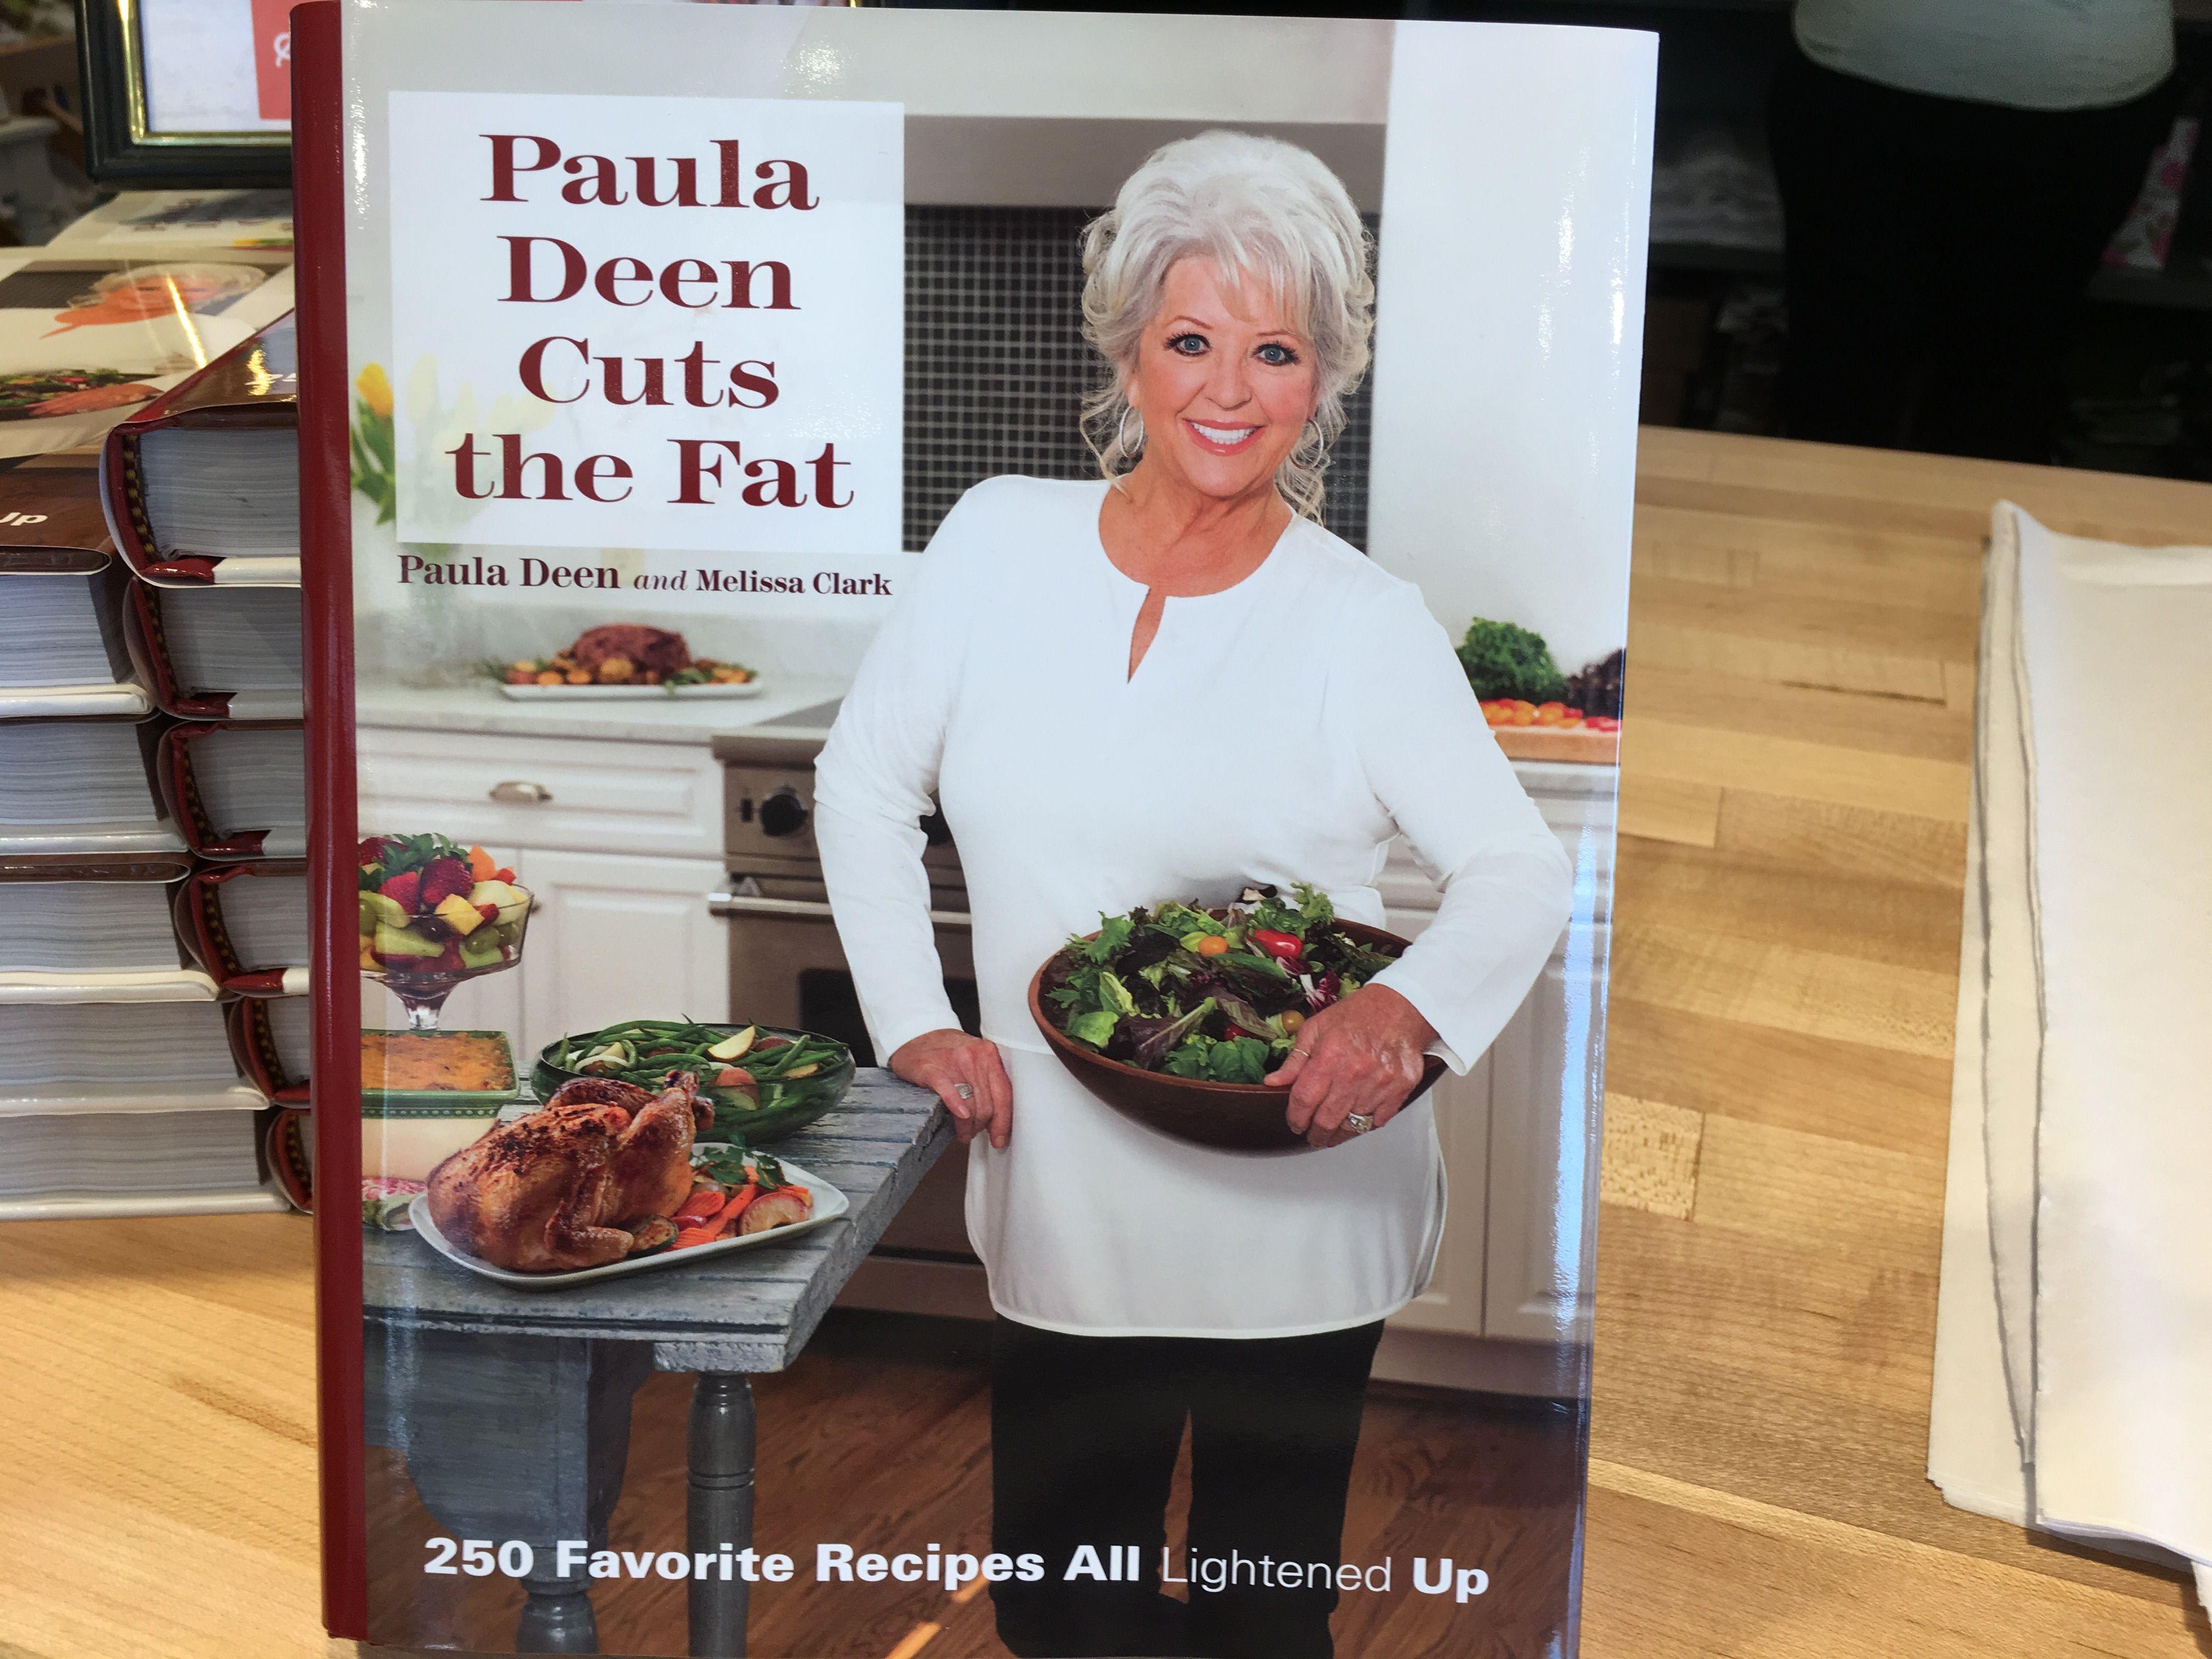 Pin by Carolyn Loftus on Gift Ideas Light recipes, Paula